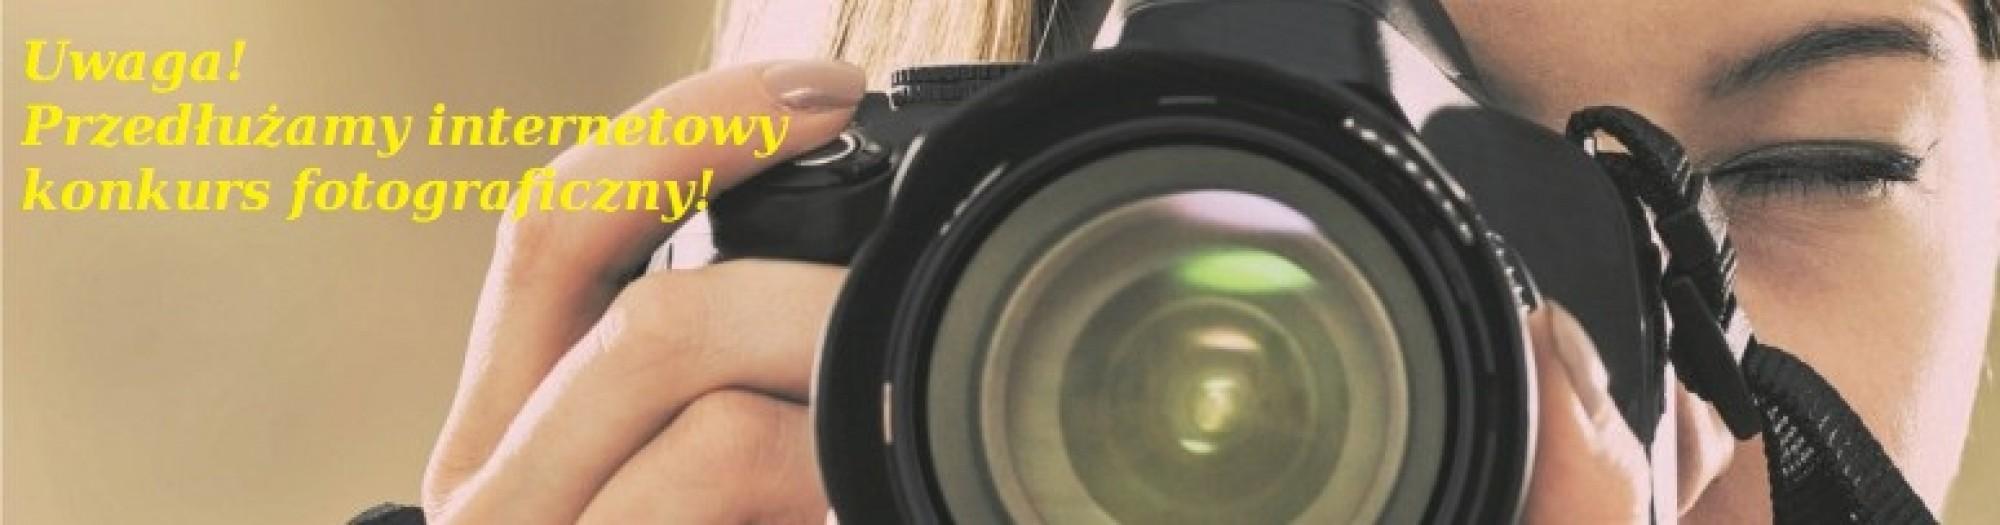 Przedłużenie terminu internetowego konkusru fotograficznego